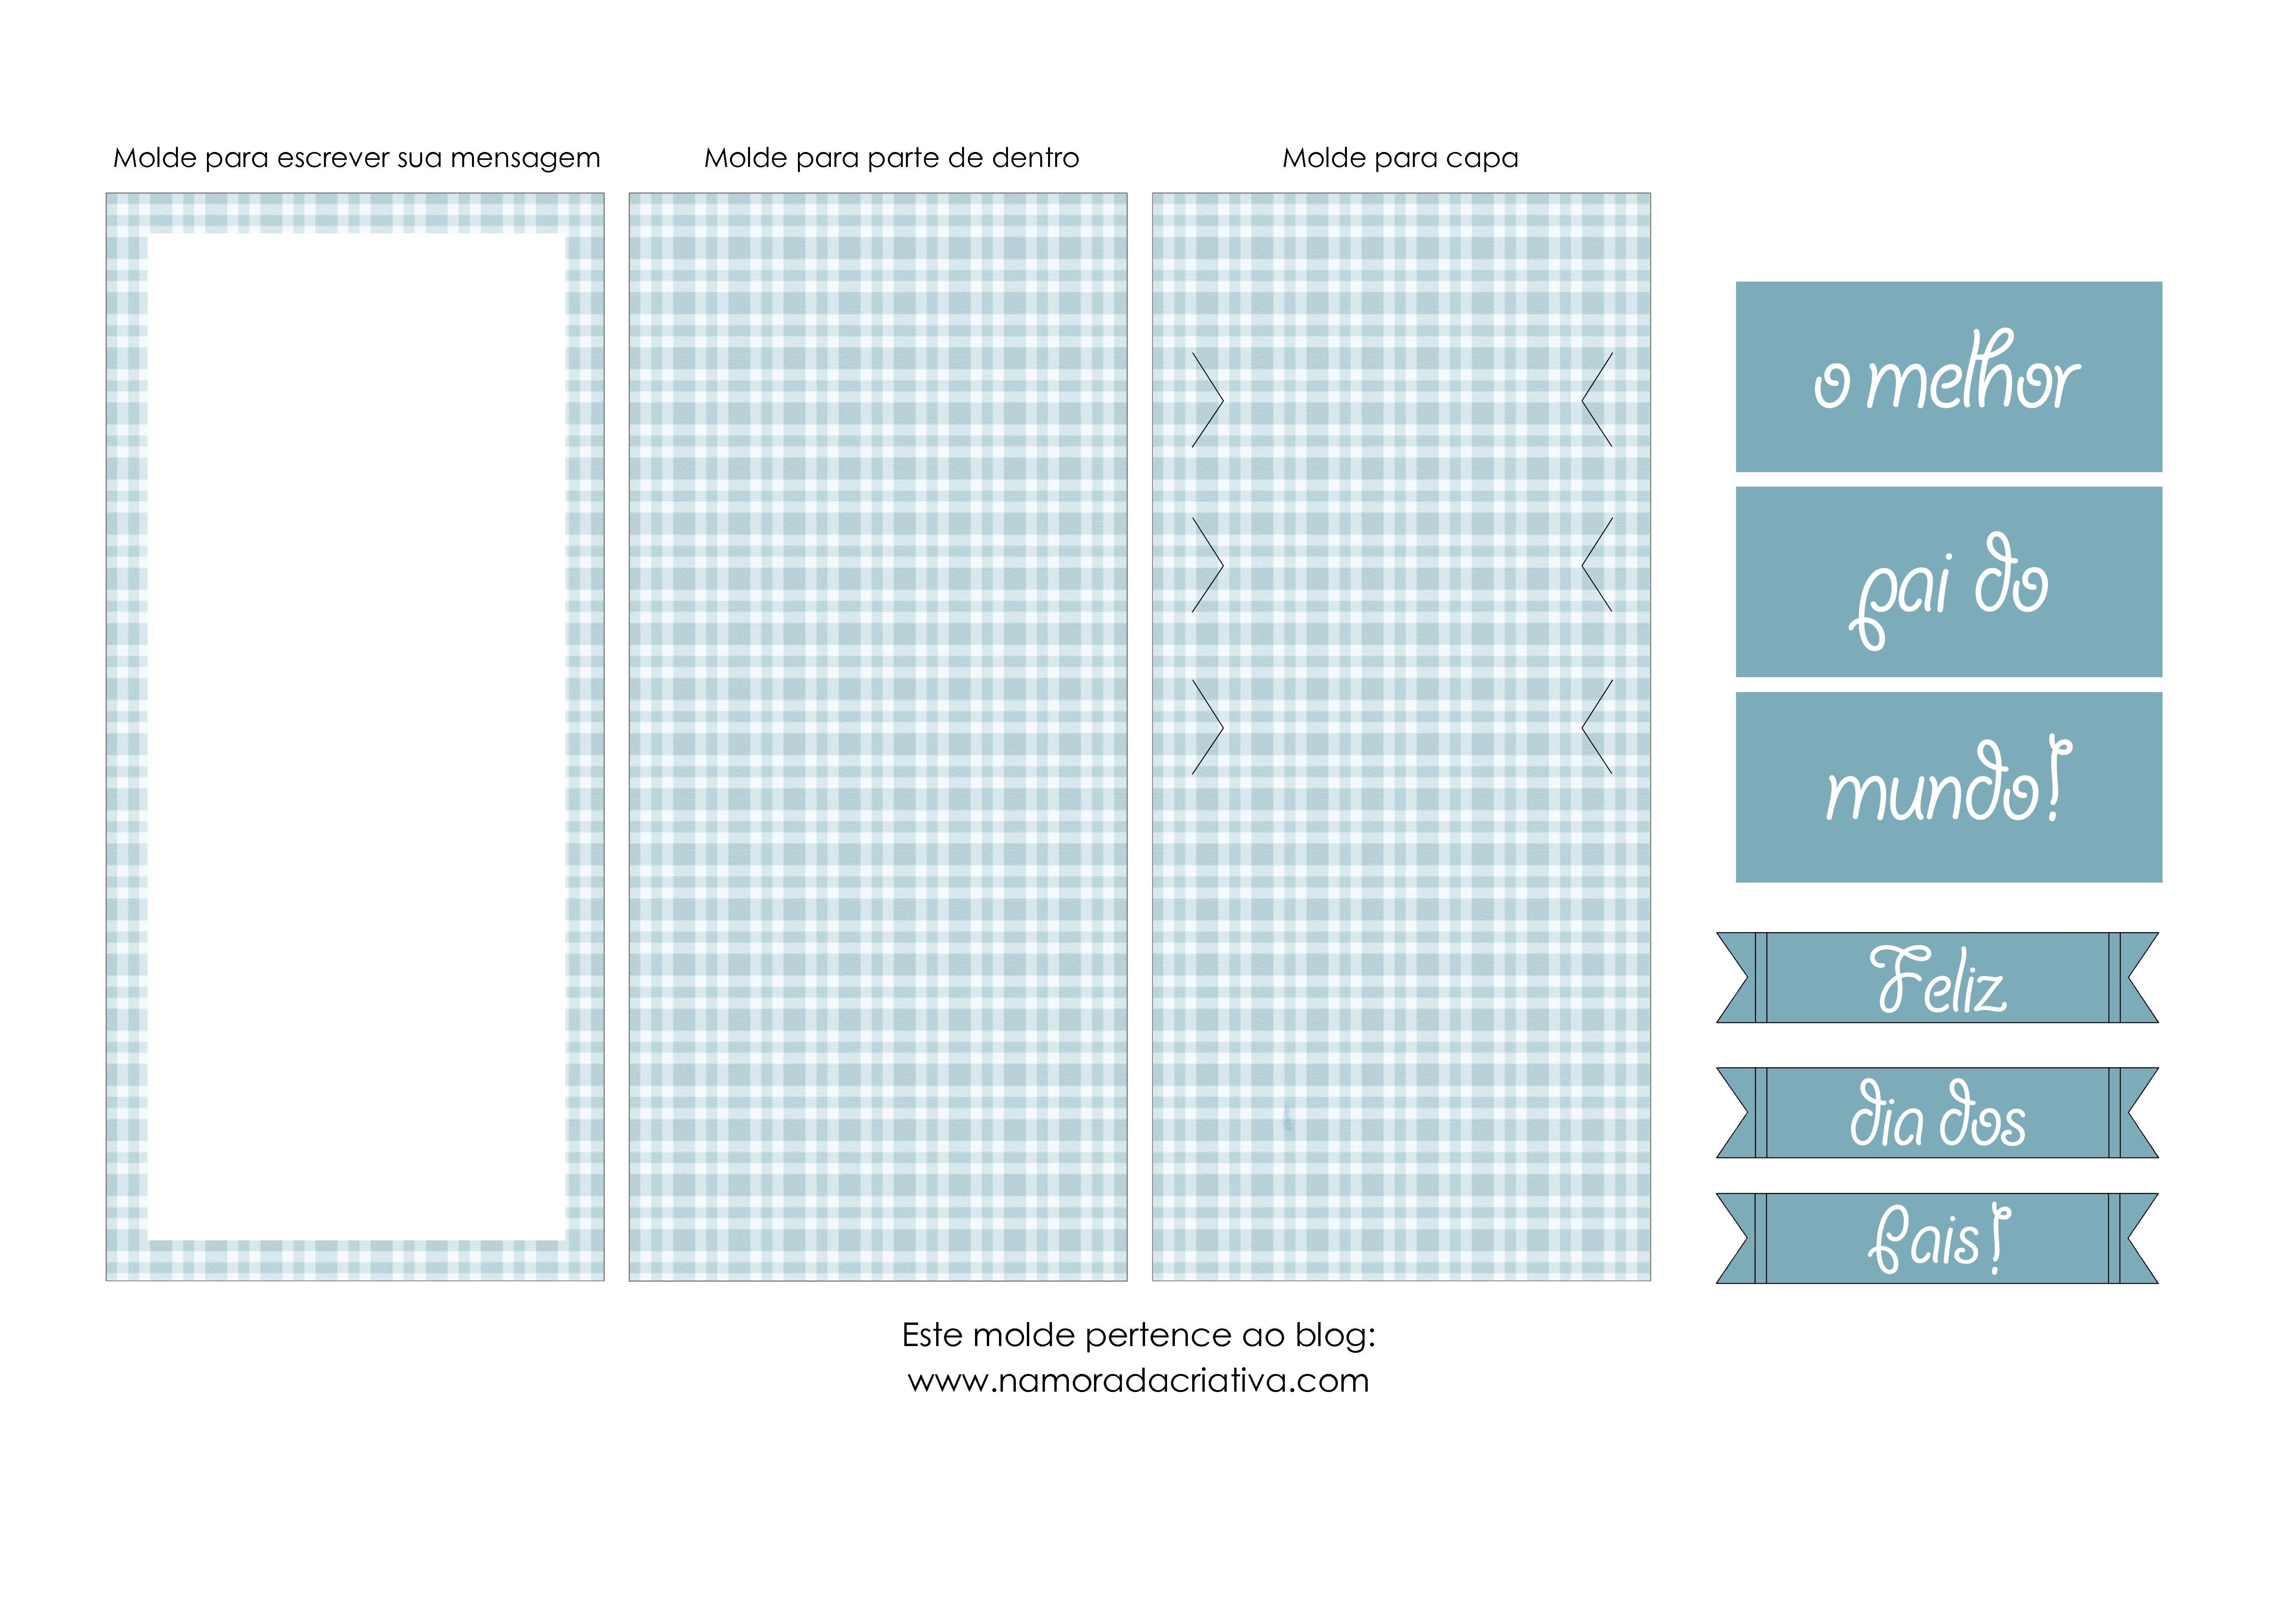 Molde-Cartão-dia-dos-Pais-Blog-Namorada-Criativa